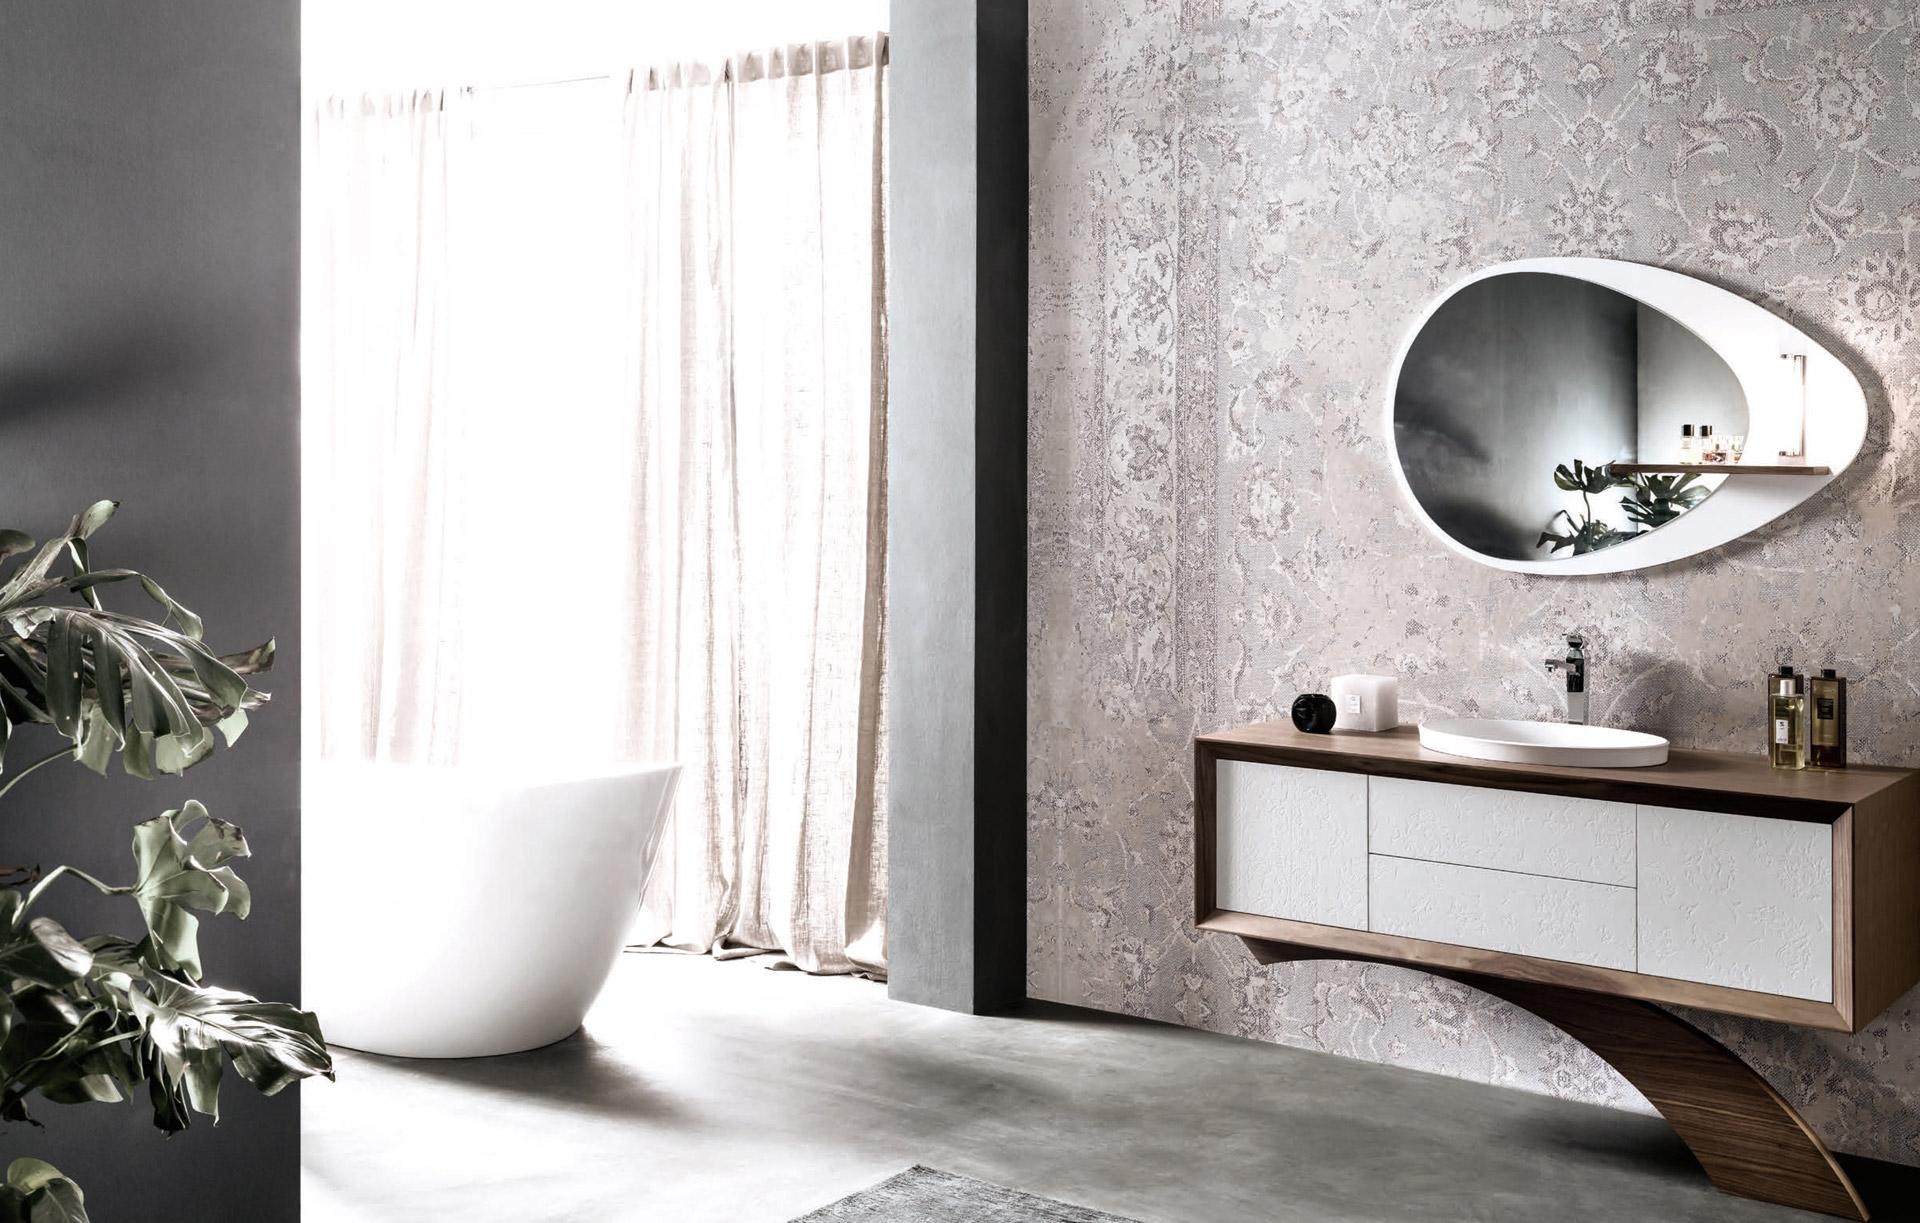 Collezione arredamento bagno moderno c 39 era una volta il - Arredamento moderno bagno ...